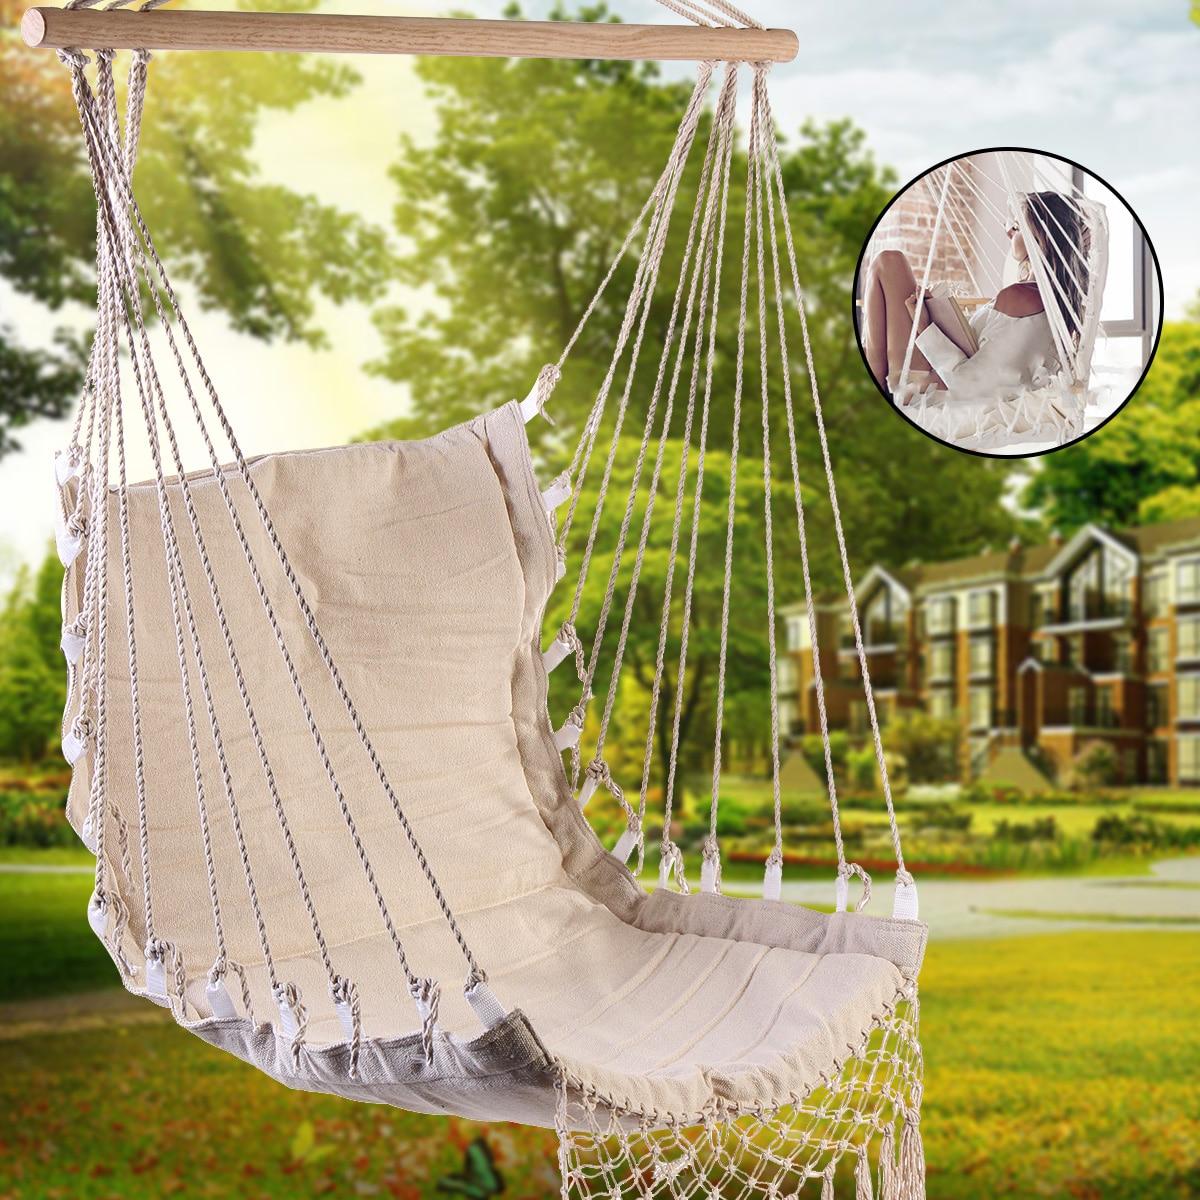 Nordic Стиль Deluxe Гамак Крытый сад общежитии Спальня висит стул для детей и взрослых размахивая одной кресла безопасности